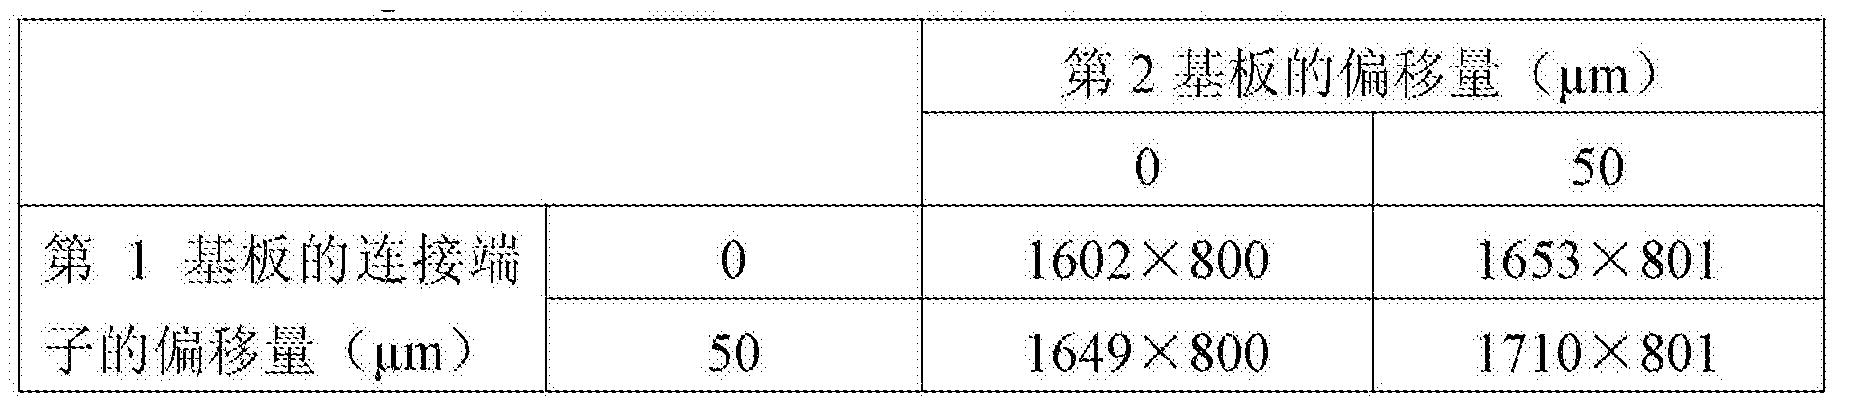 Figure CN105474538BD00091